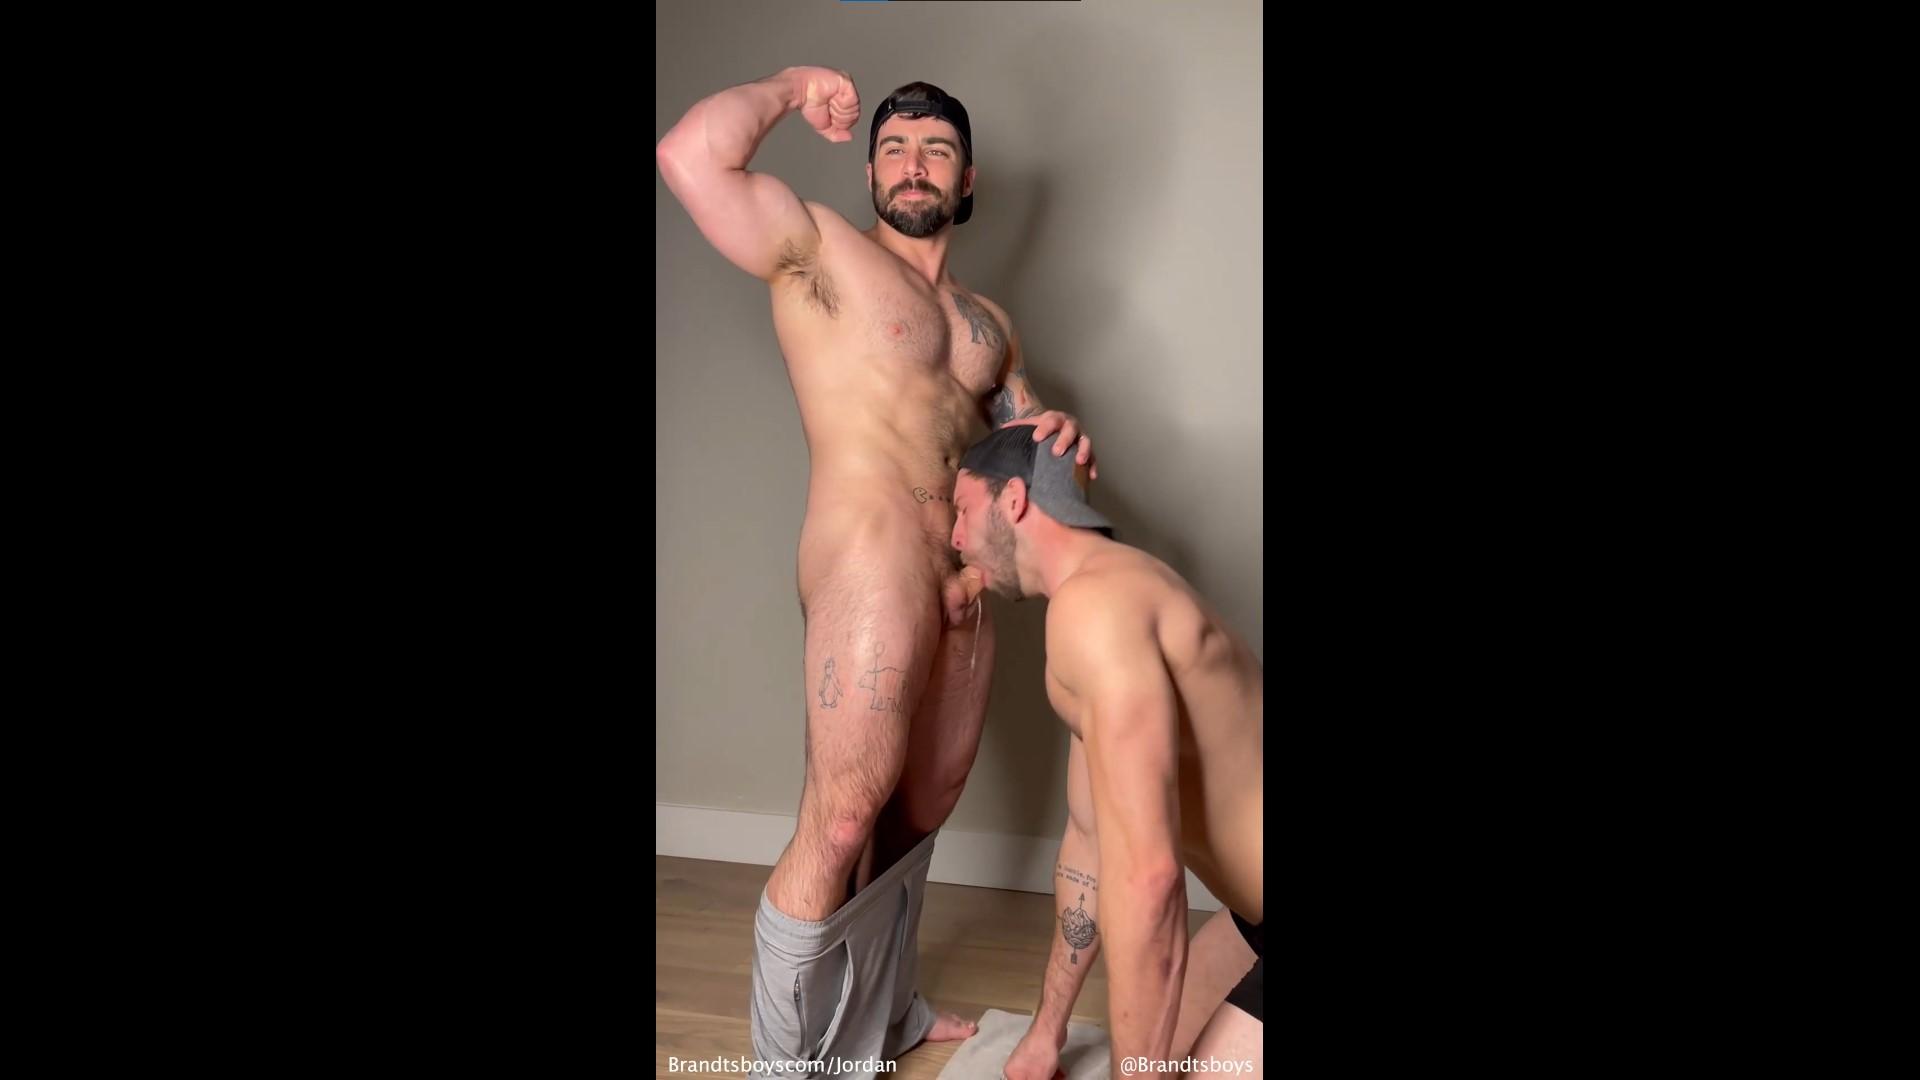 Kyle gives Jordan a blowjob - JordanxBrandt - KylexBrandt